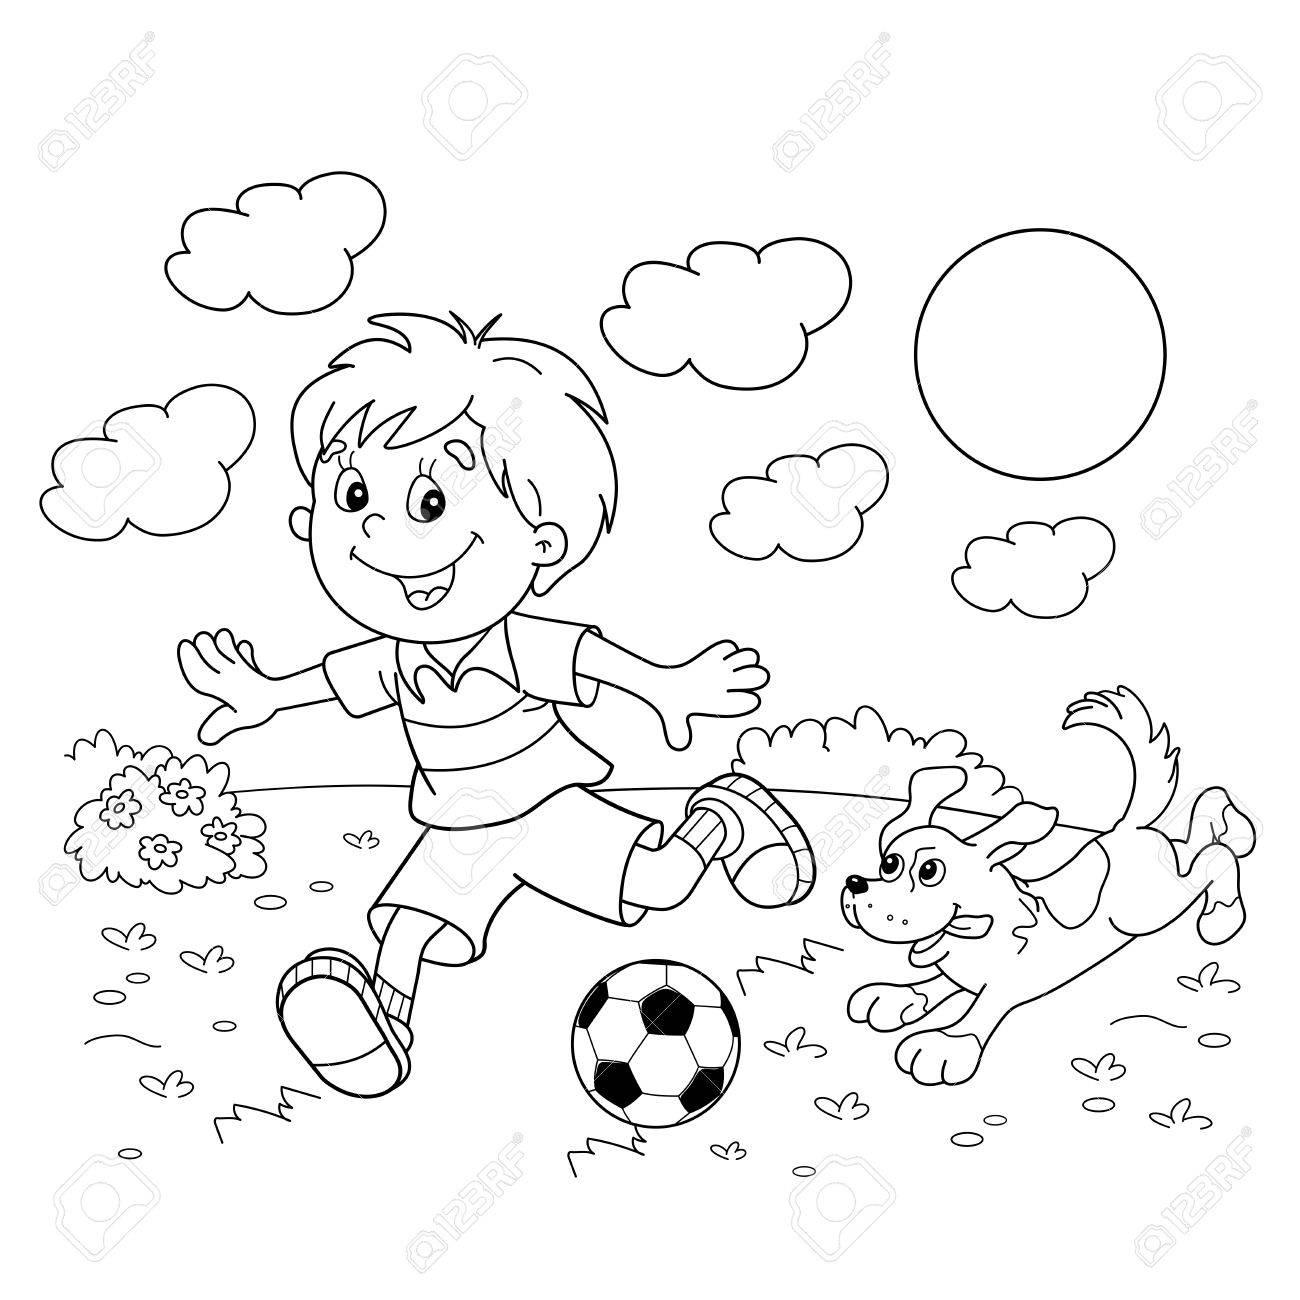 Coloriage De Foot Garcon.Coloriage Outline Of Garcon De Bande Dessinee Avec Un Ballon De